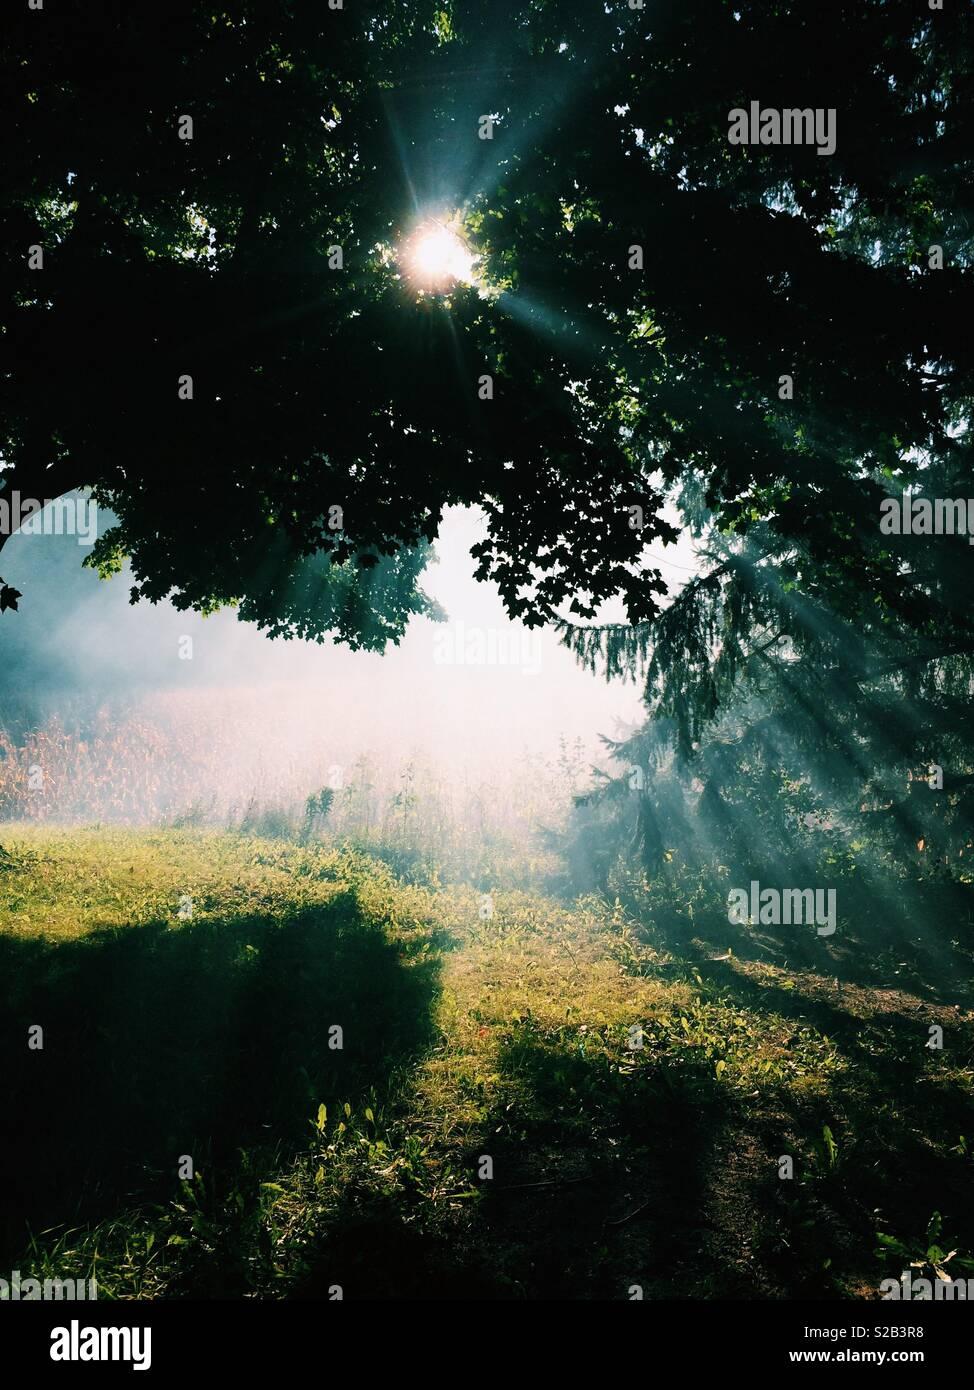 Sun flare attraverso gli alberi in un ambiente rurale. Immagini Stock